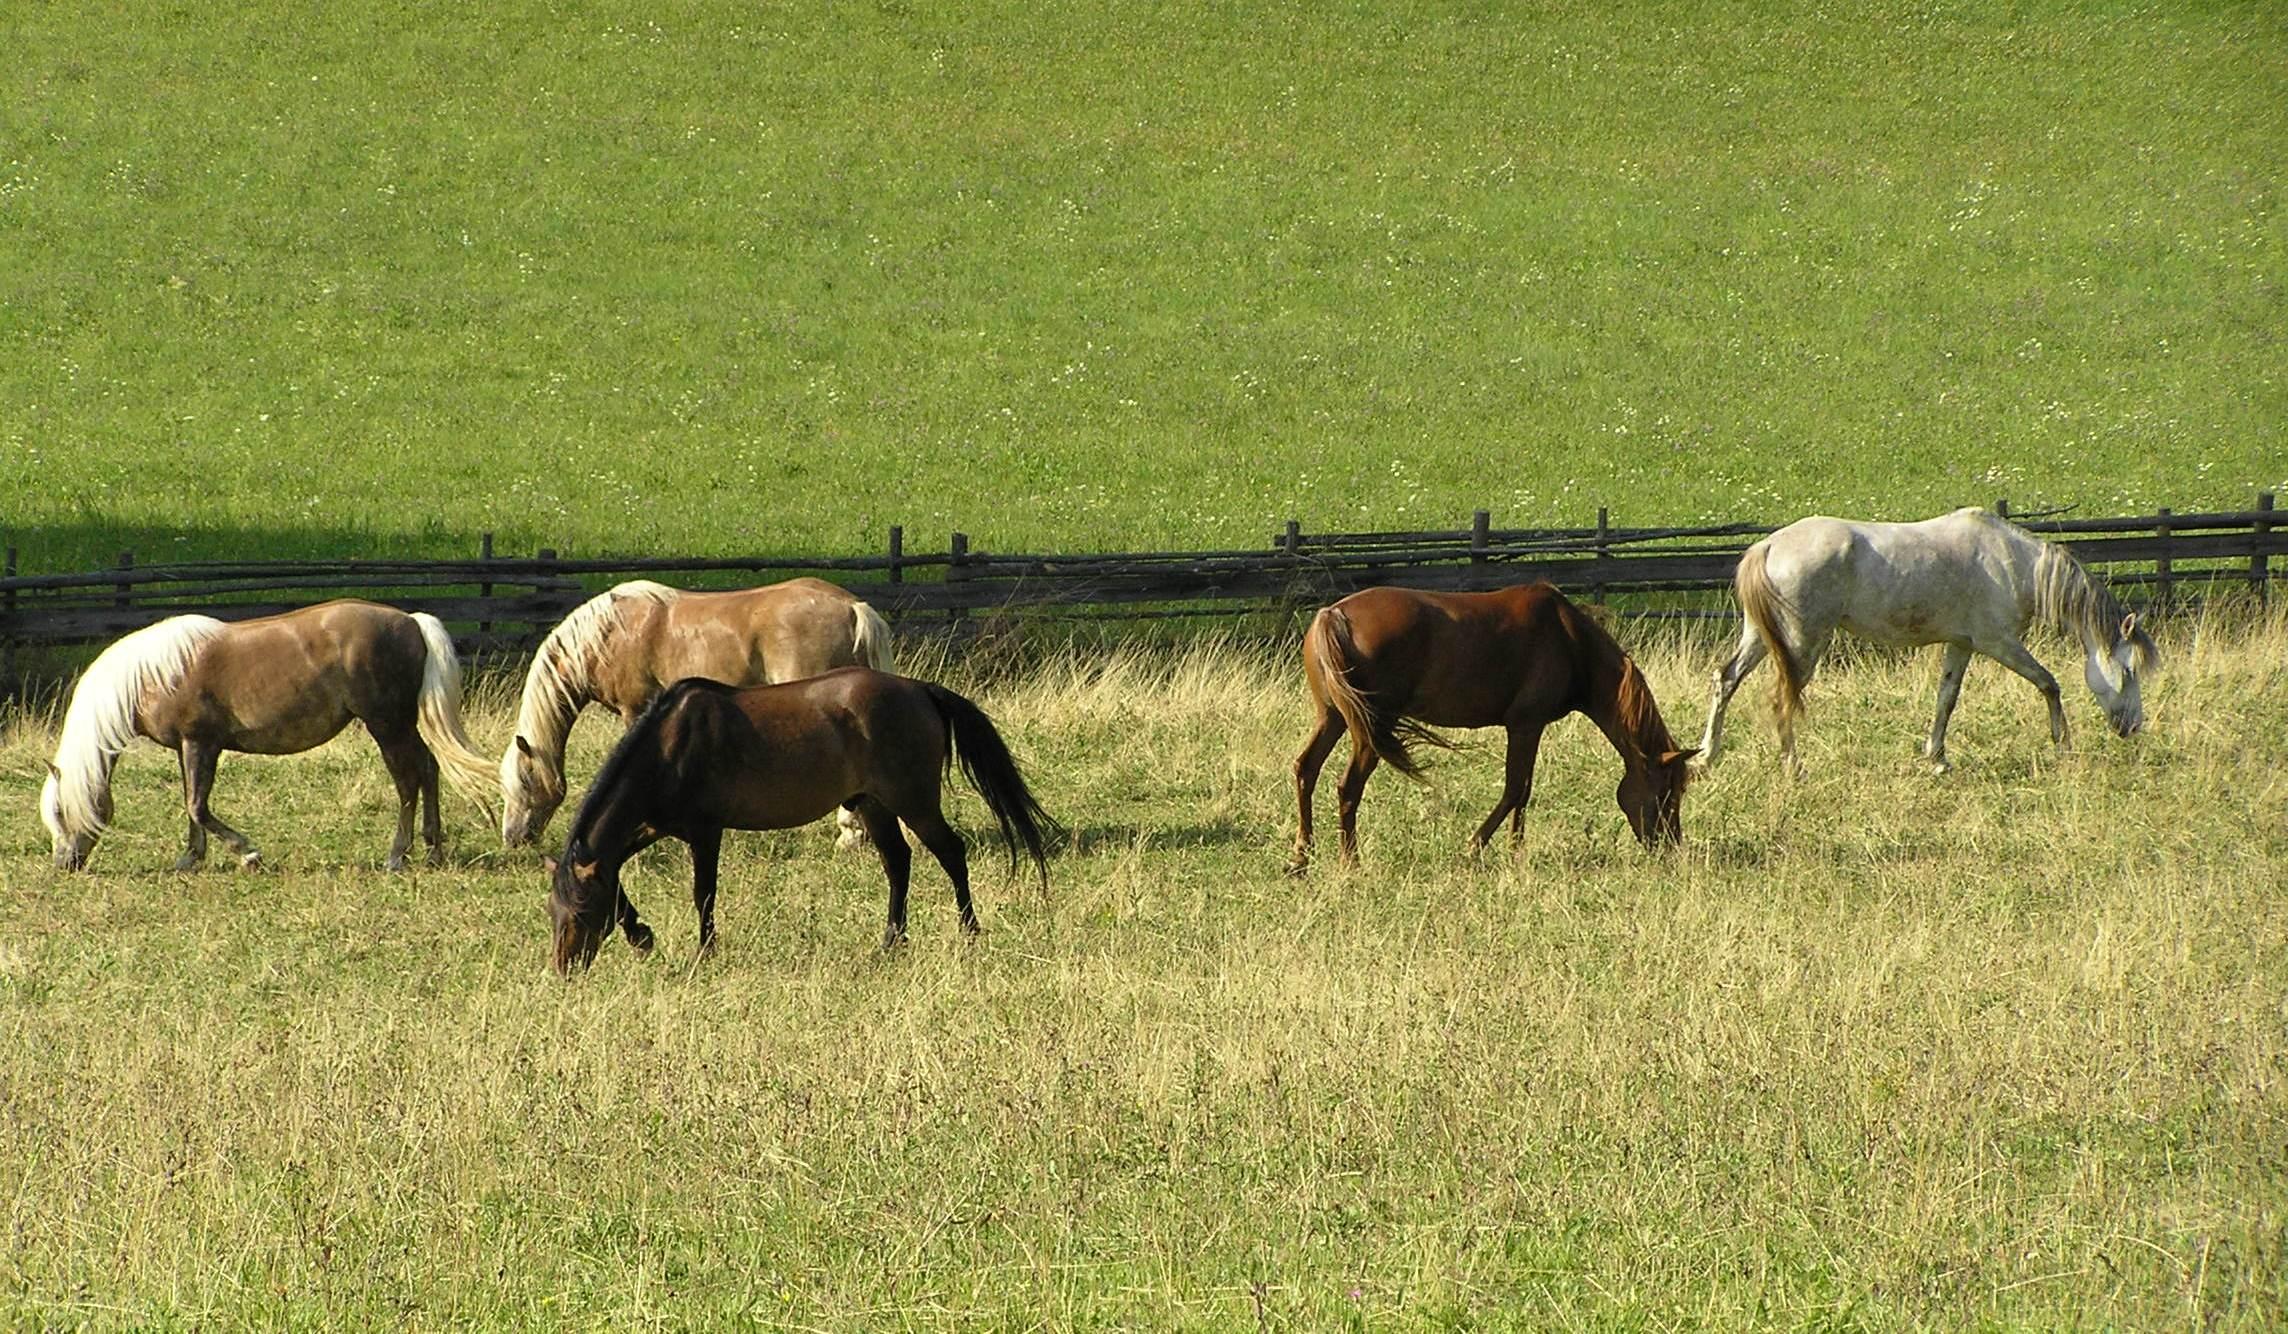 Unsere Pferde Urlaub Am Bauernhof Bei Familie Mikl